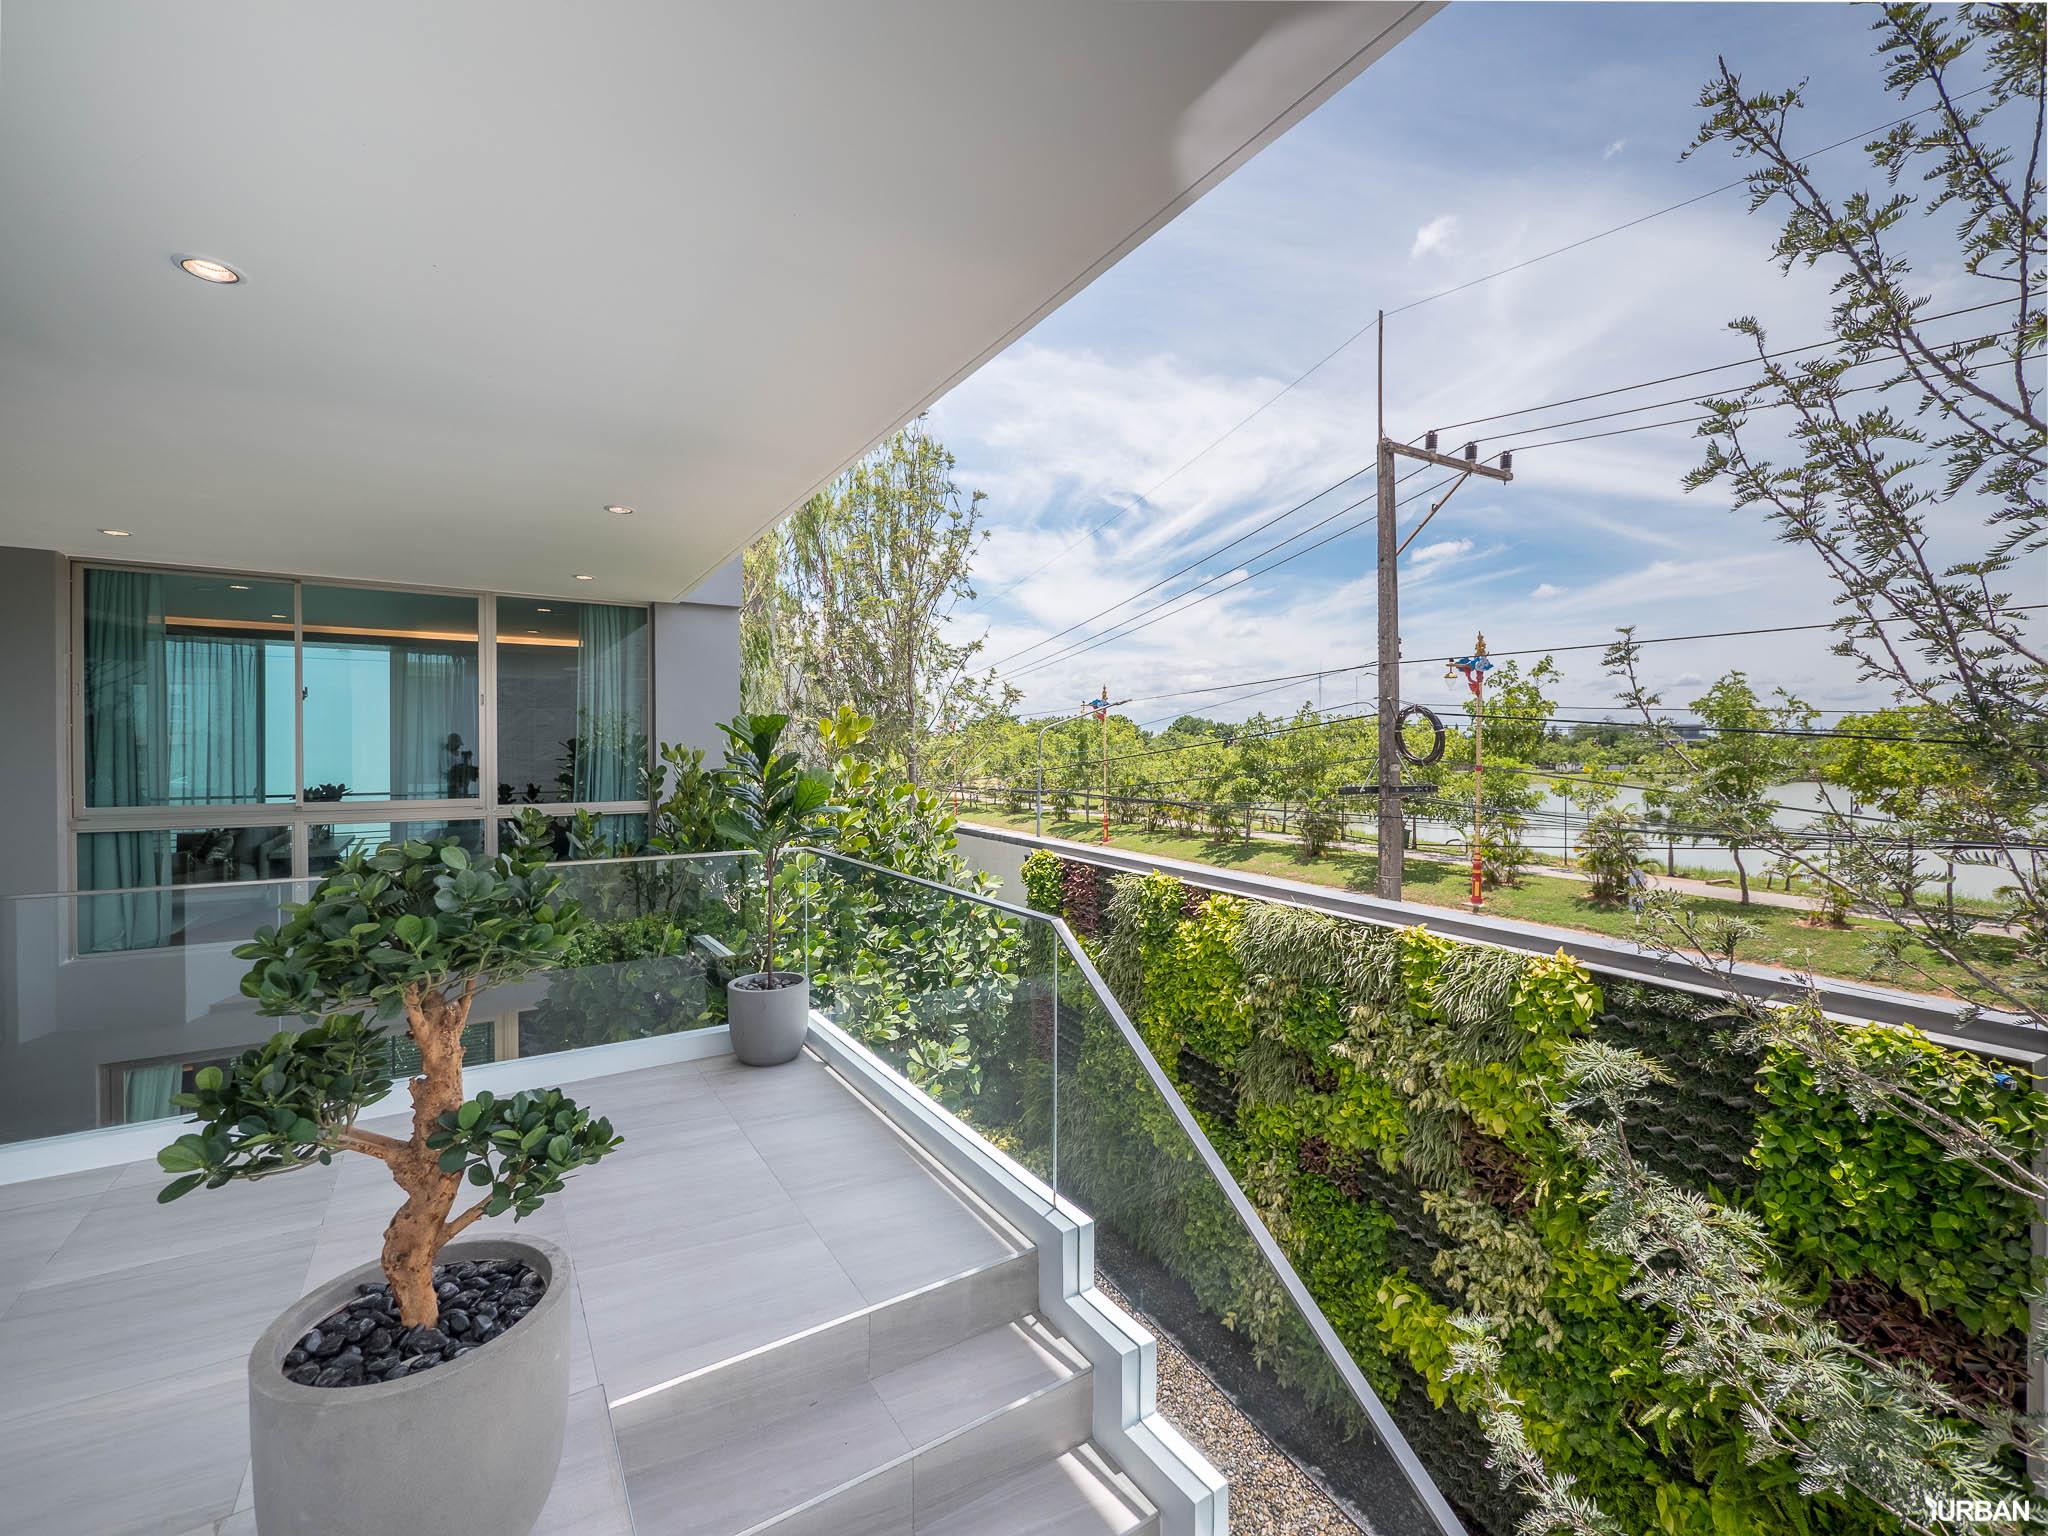 รีวิว Nirvana BEYOND Udonthani บ้านเดี่ยว 3 ชั้น ดีไซน์บิดสุดโมเดิร์น บนที่ดินสุดท้ายหน้าหนองประจักษ์ 56 - Luxury